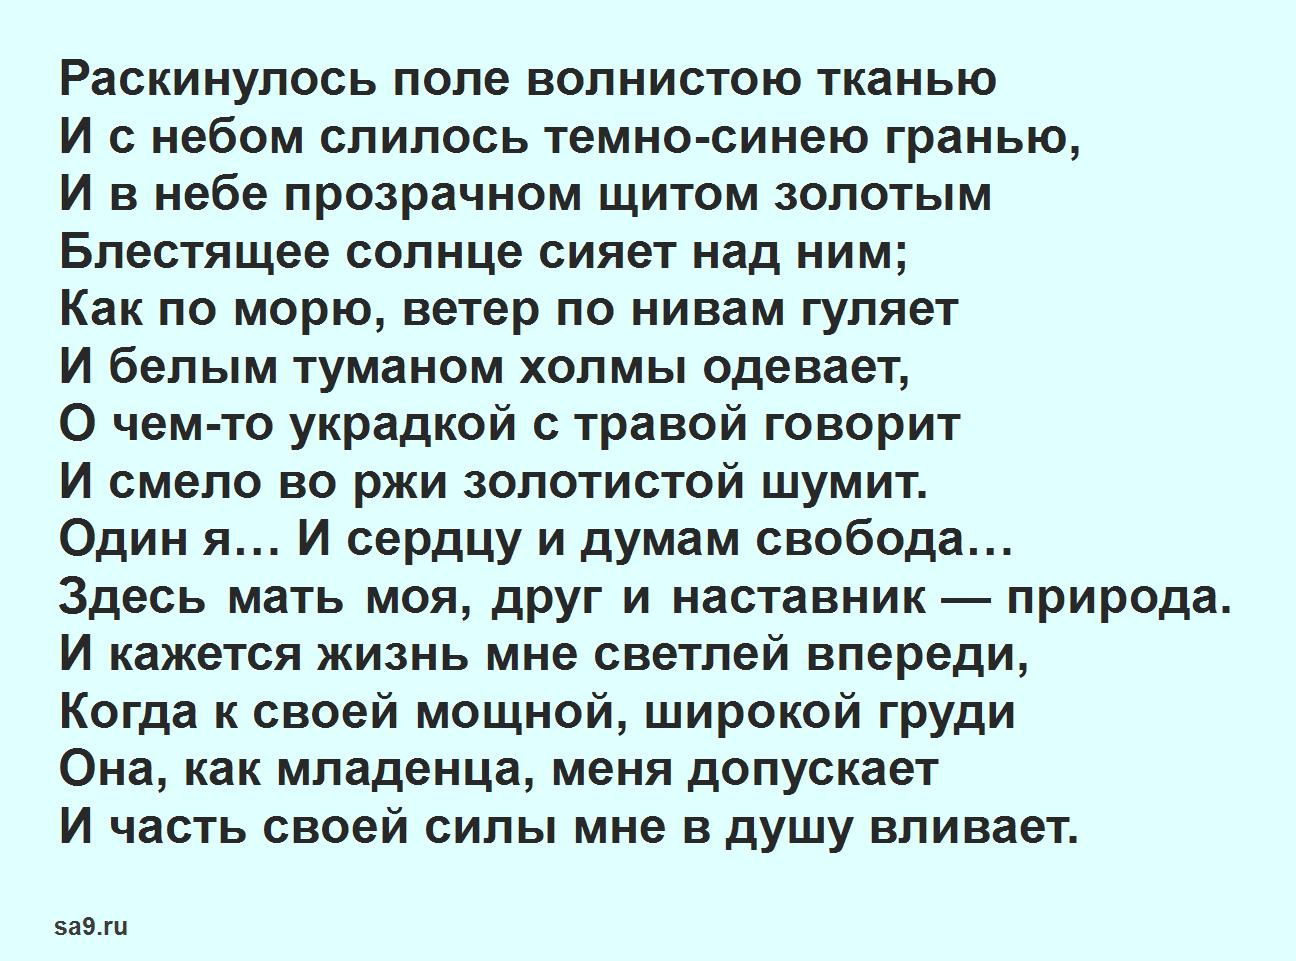 Читать стихи Никитина - Поле